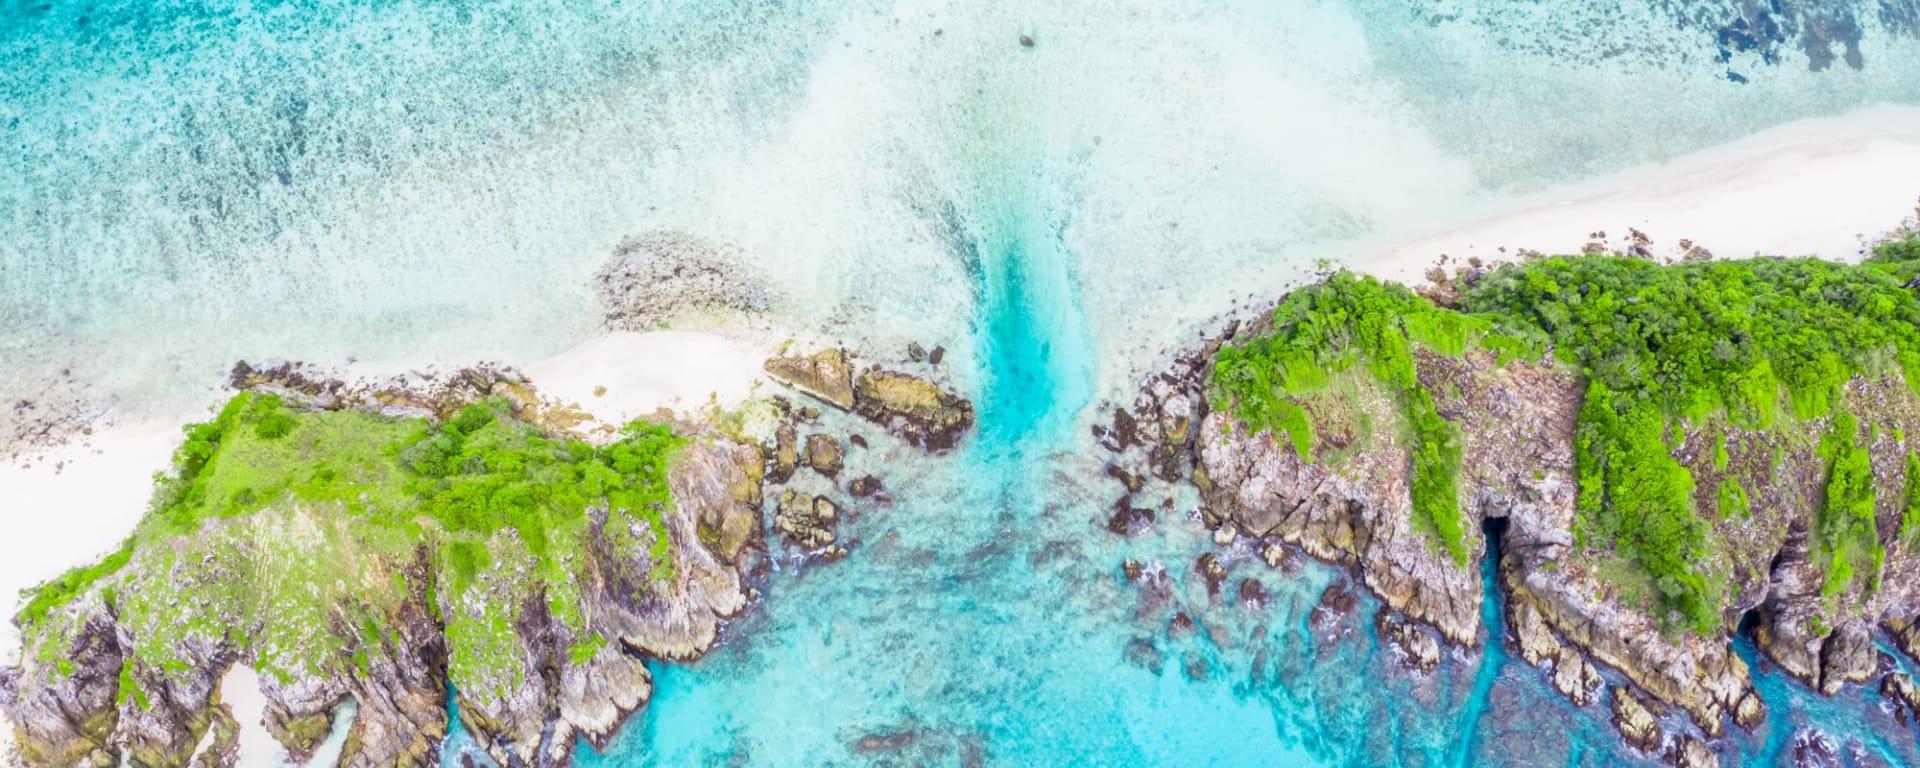 Croisière en voilier dans l'archipel paradisiaque des Mergui de Kawthaung: Mergui Archipel Cockburn Island